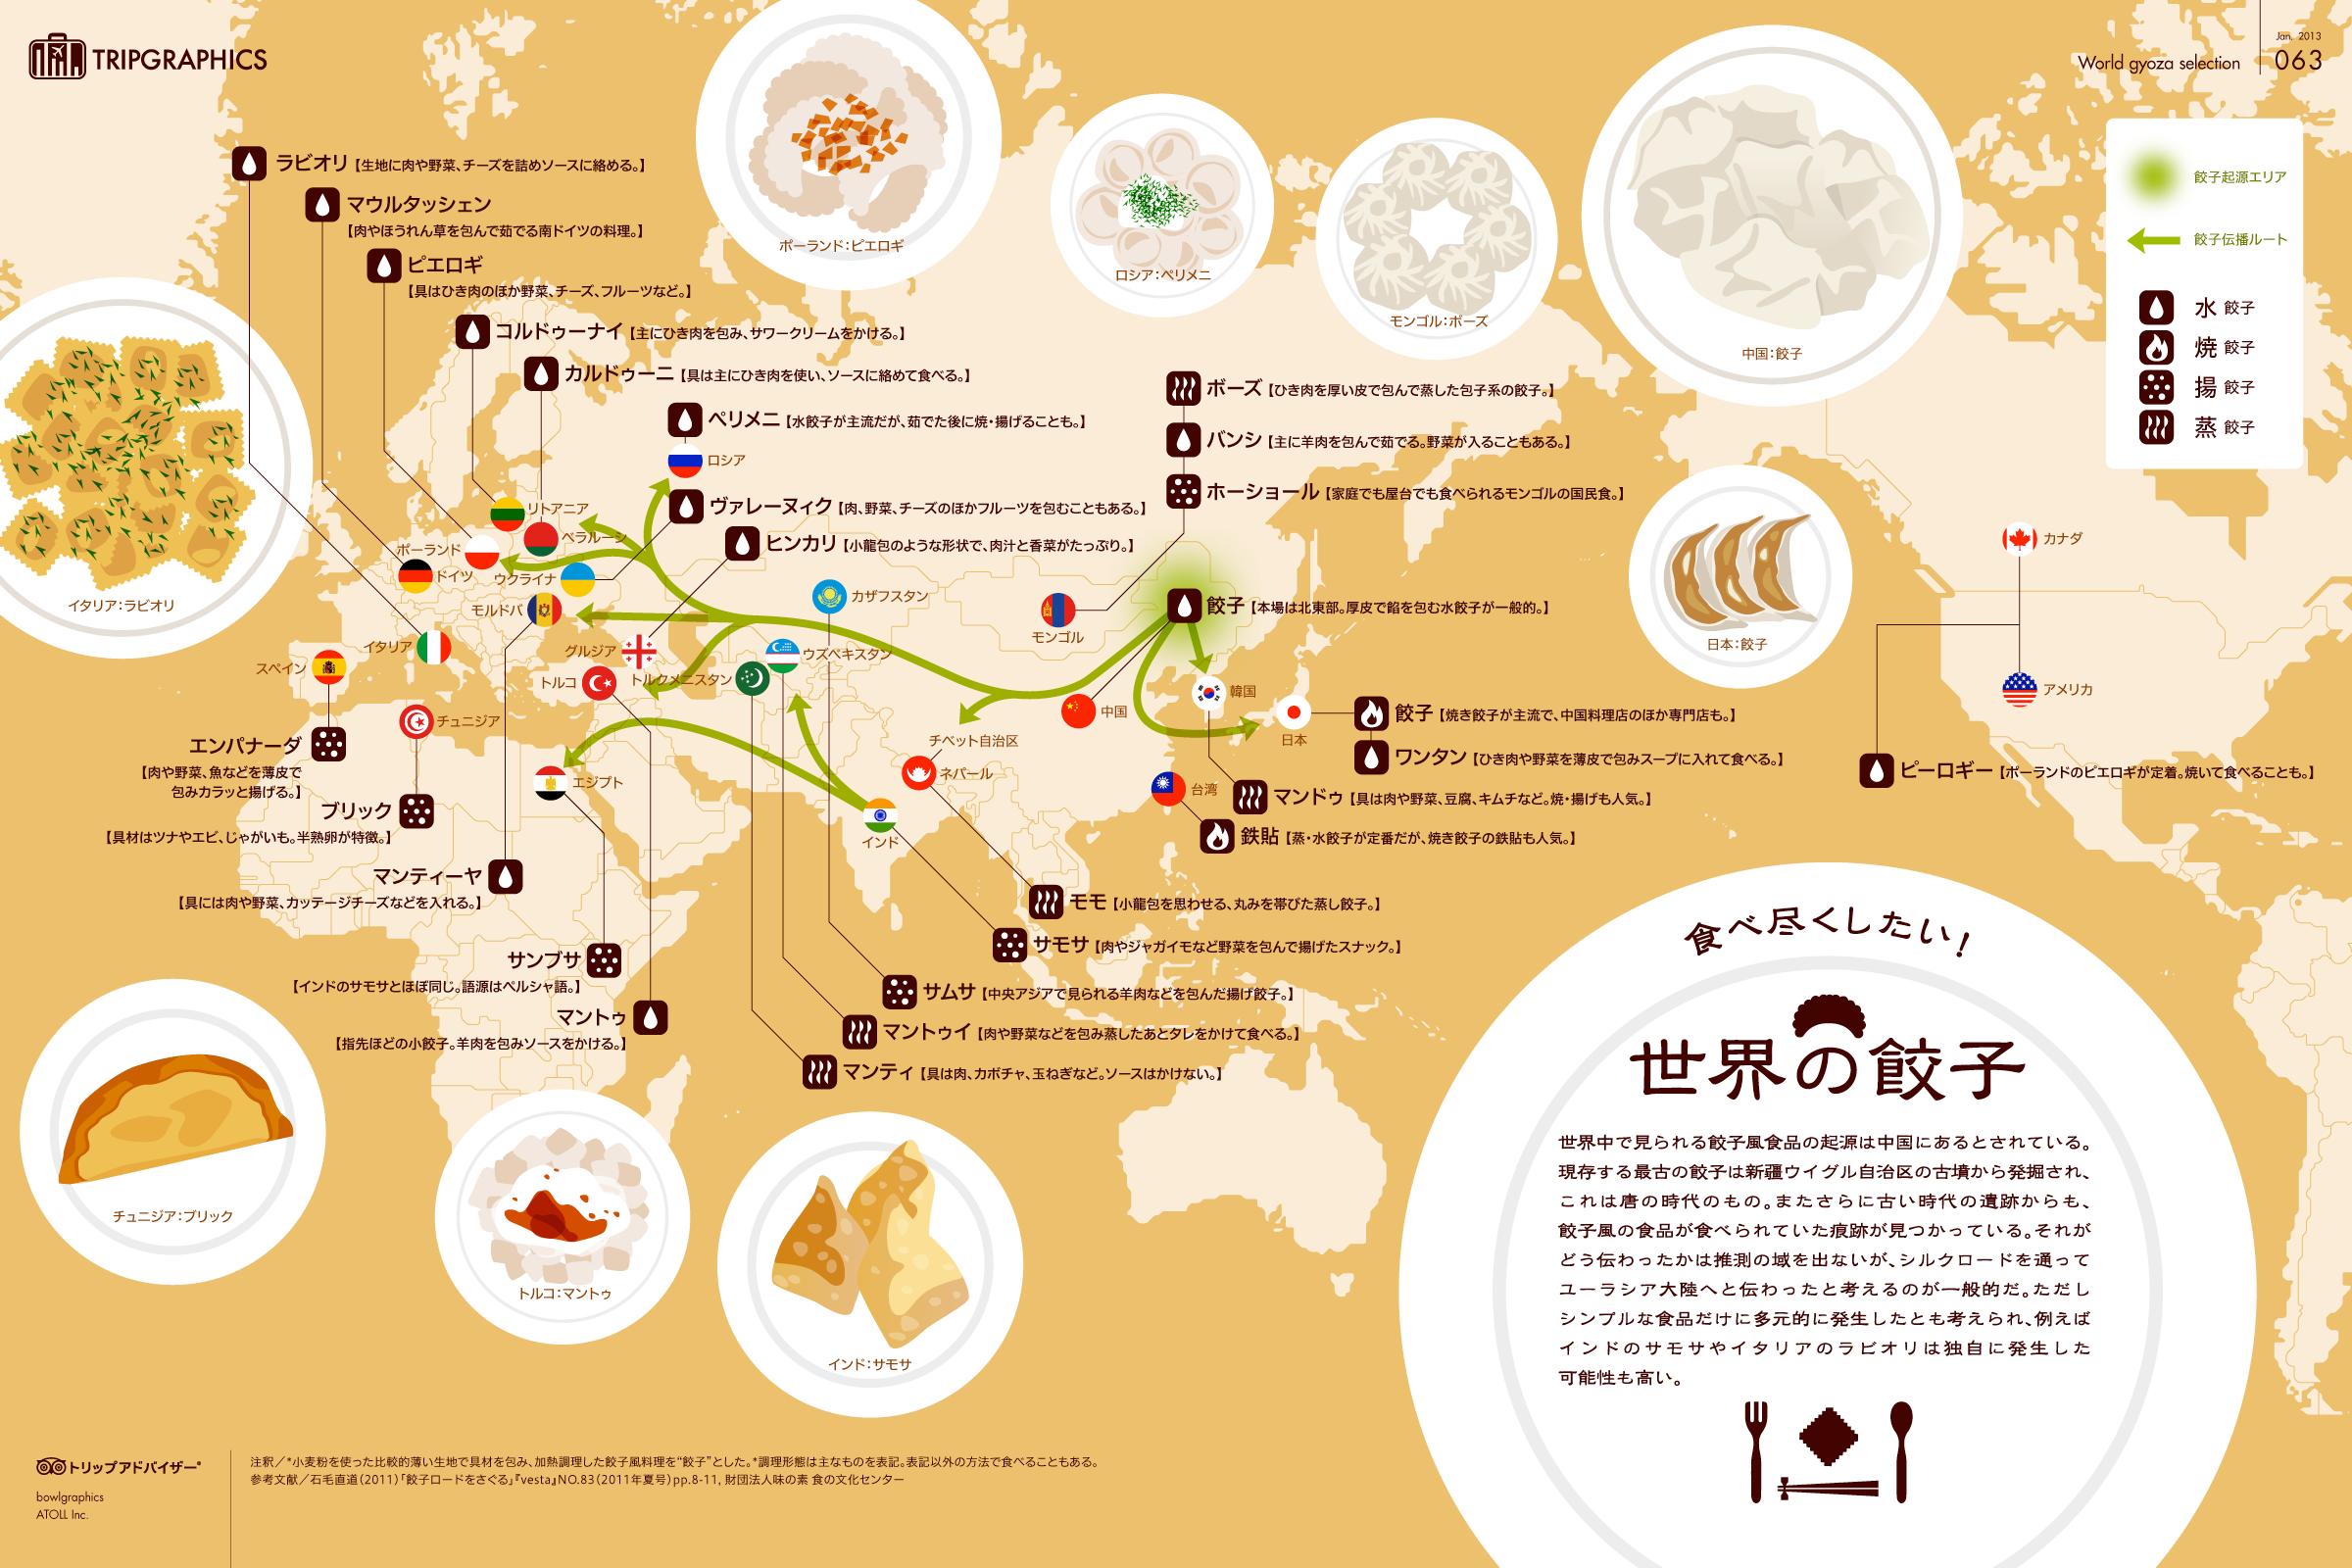 インフォグラフィック:色や形が違う餃子27種類。餃子は世界中で愛されている